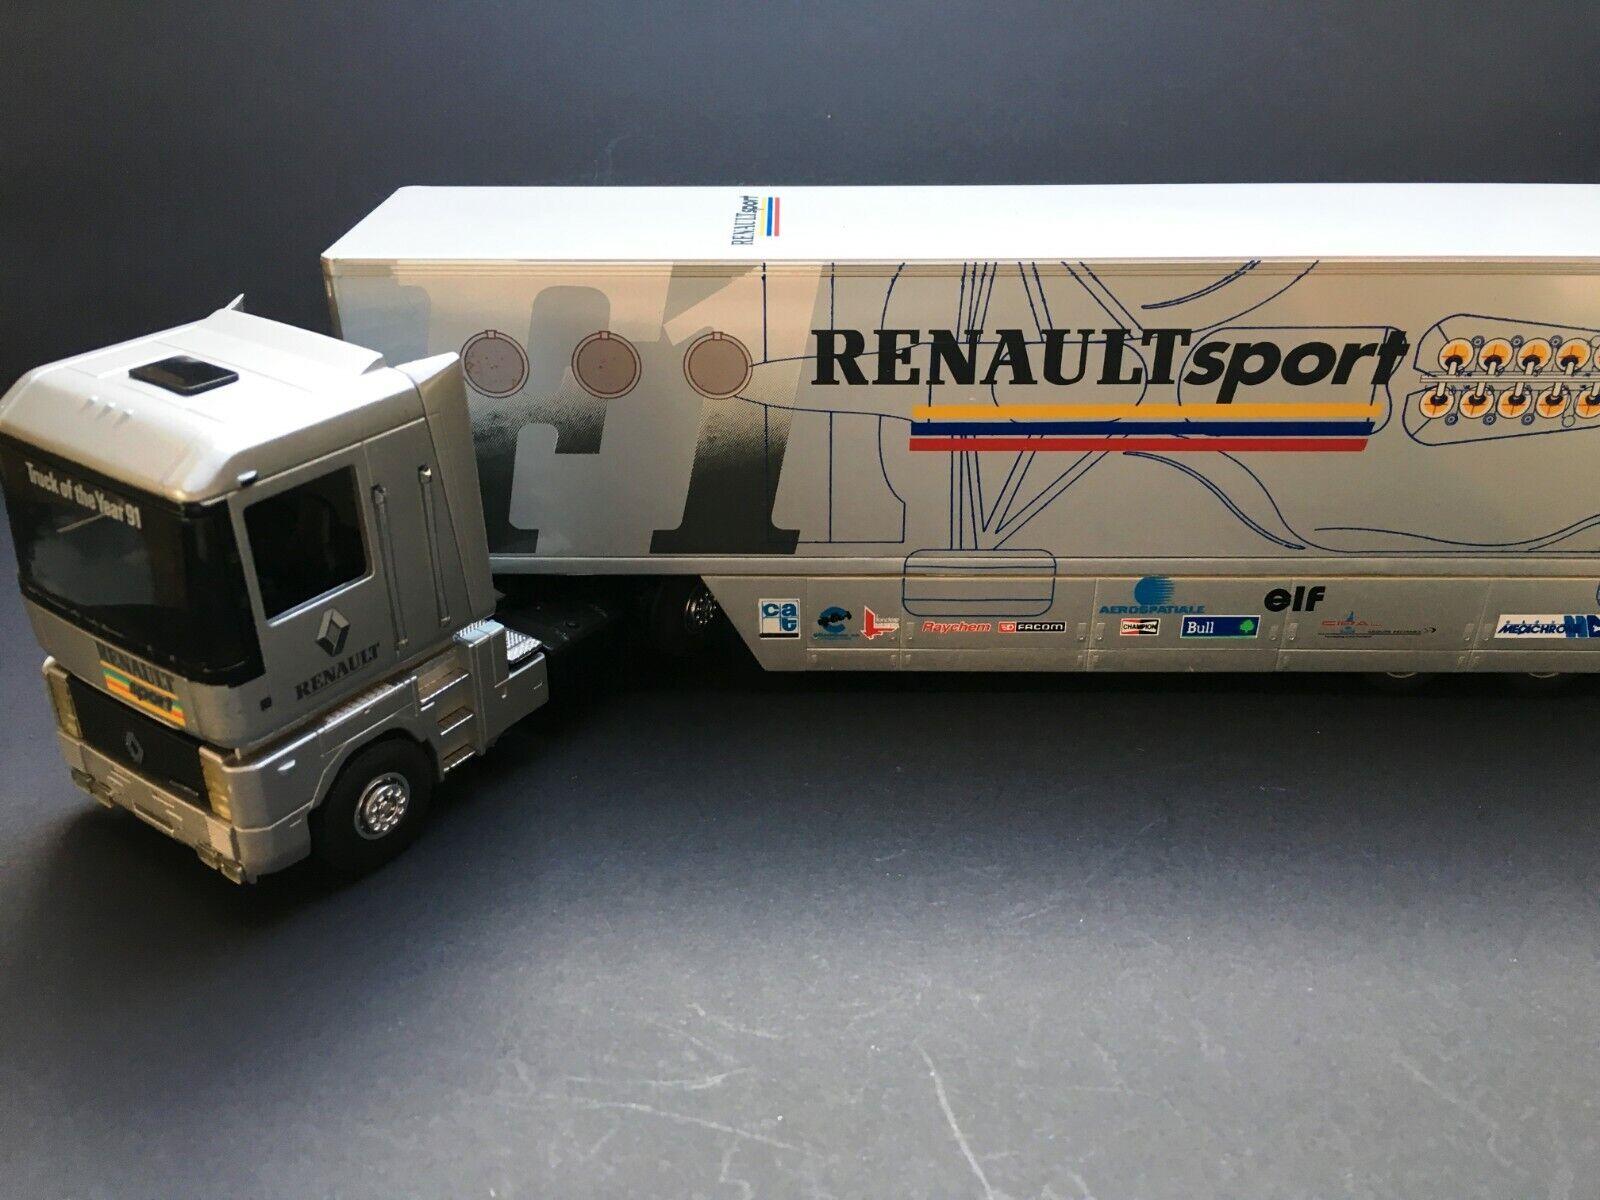 marcas en línea venta barata Eligor - - - Renault F1 Sport - Transporter - 1 43  El nuevo outlet de marcas online.